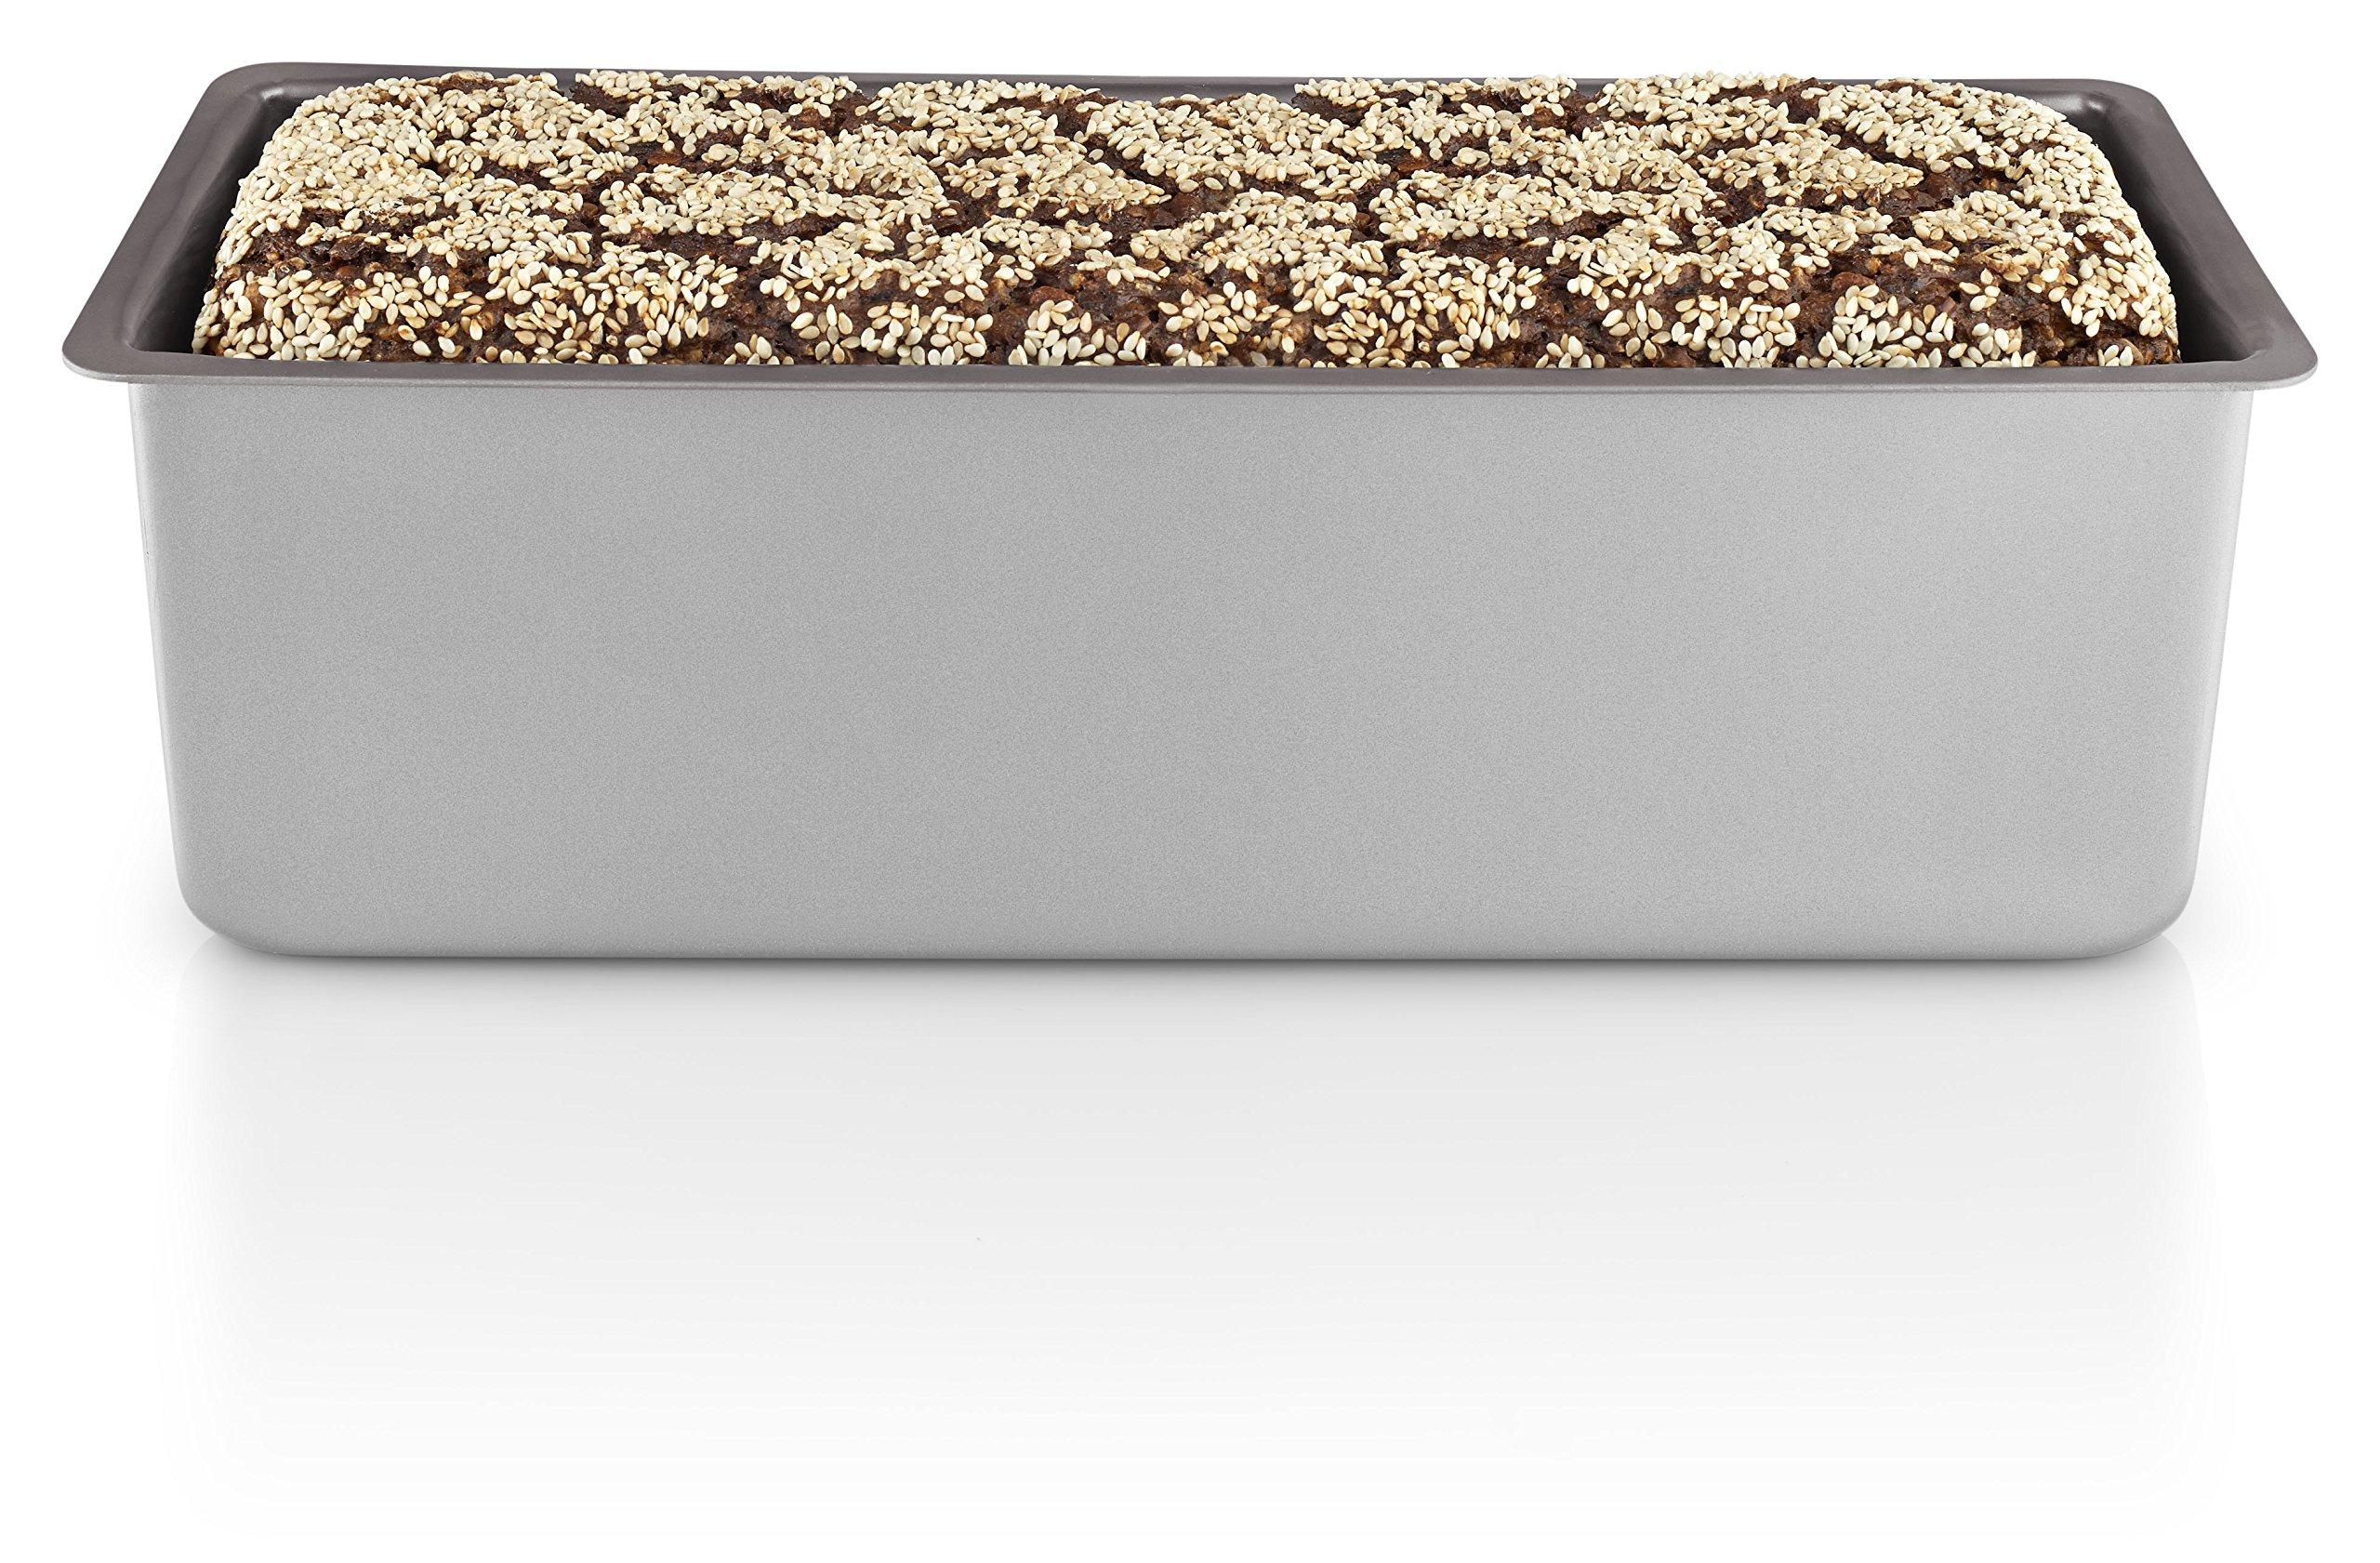 Eva Solo Rye Bread Tin 30x11x10 Centimeters   3.3 Liters by Eva Solo